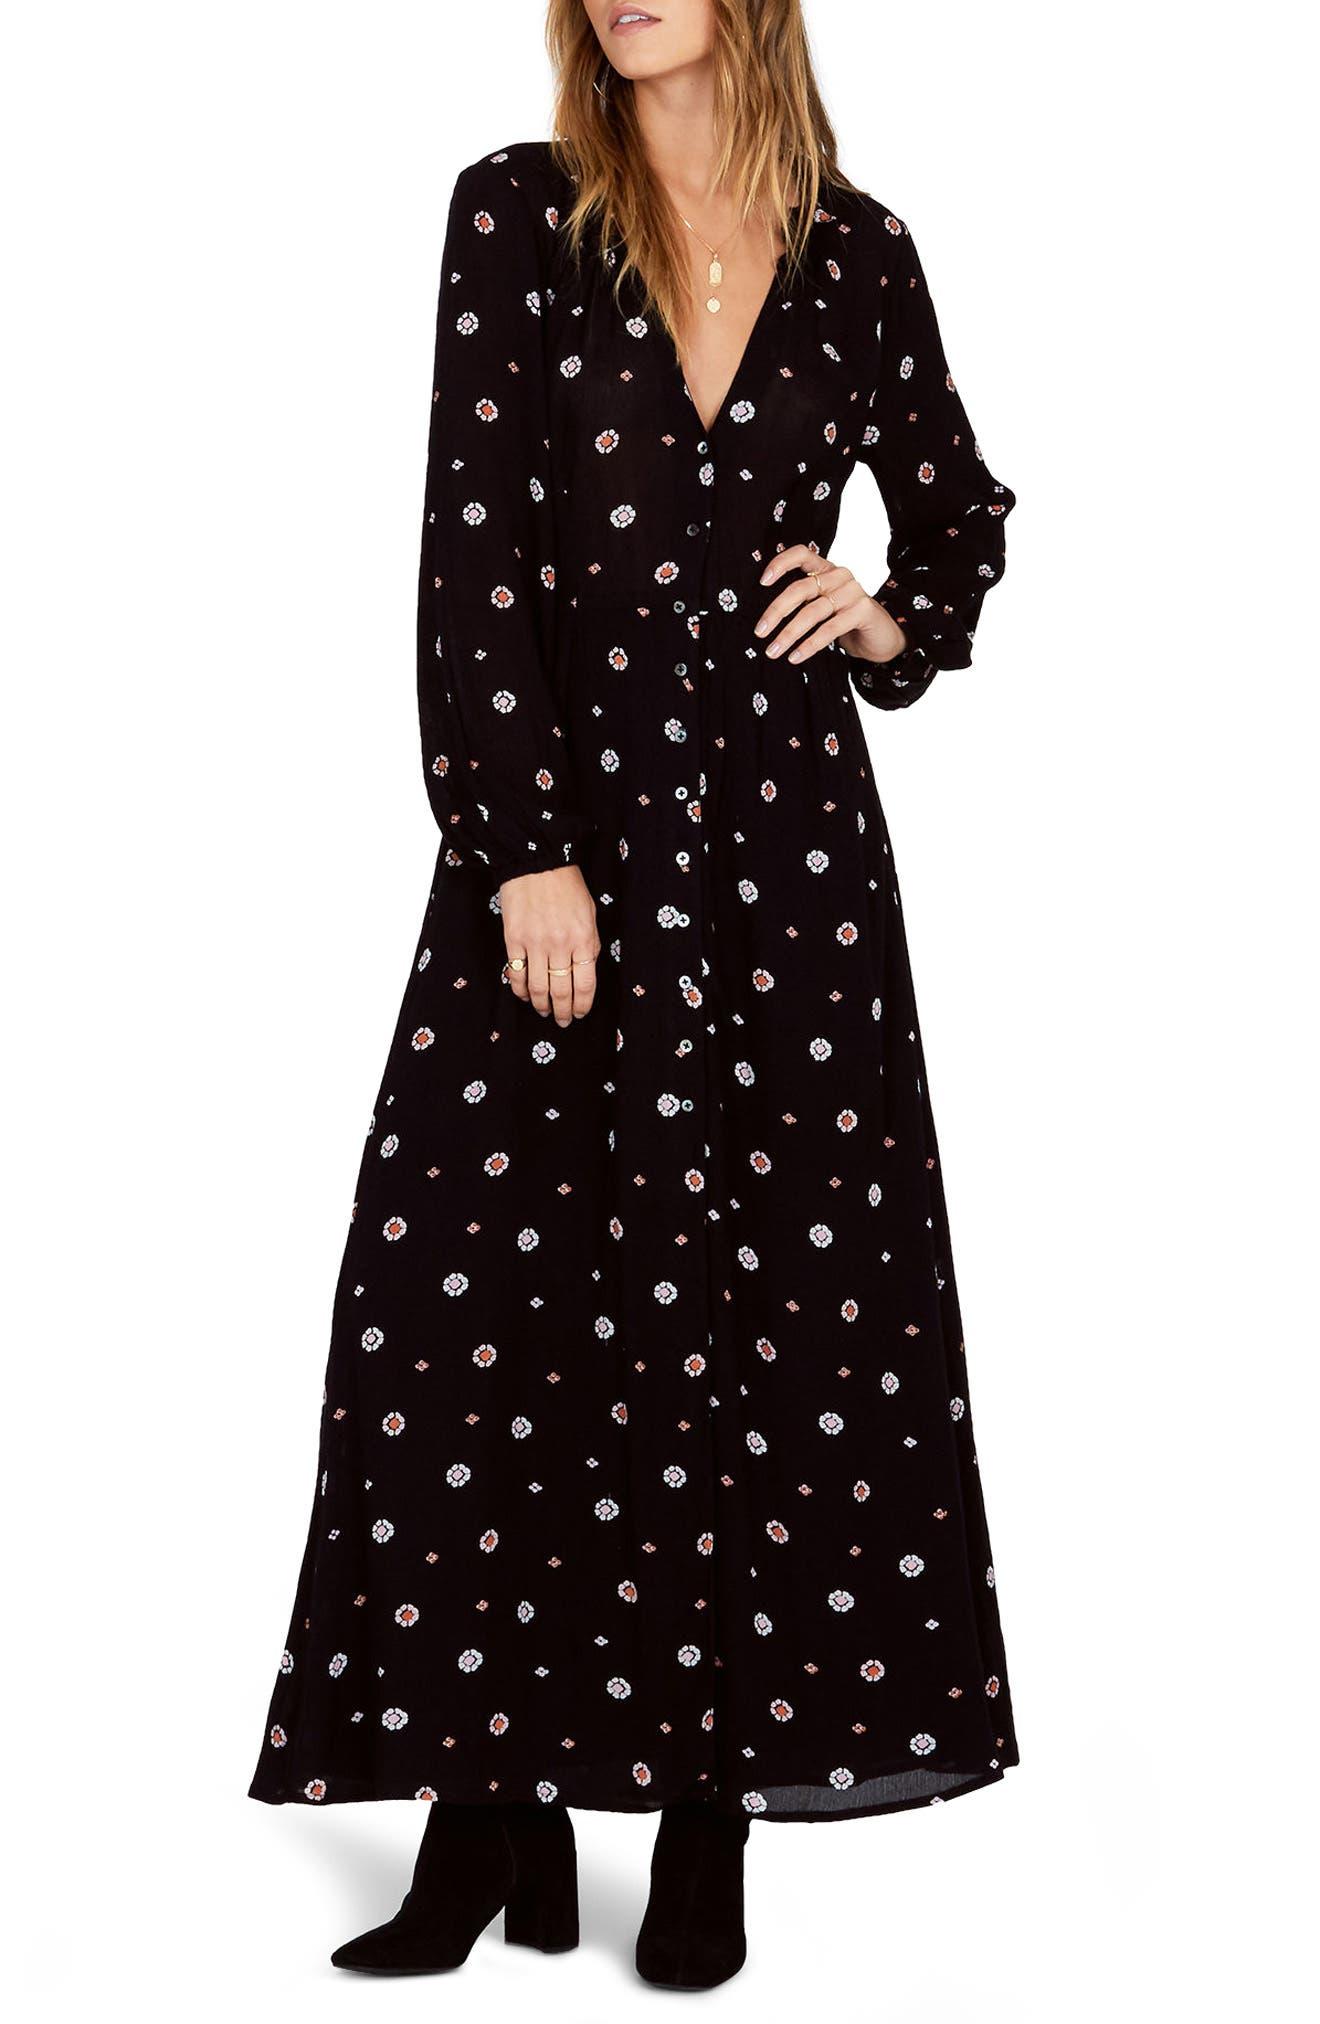 AMUSE SOCIETY Bel Air Print Maxi Dress, Main, color, 001